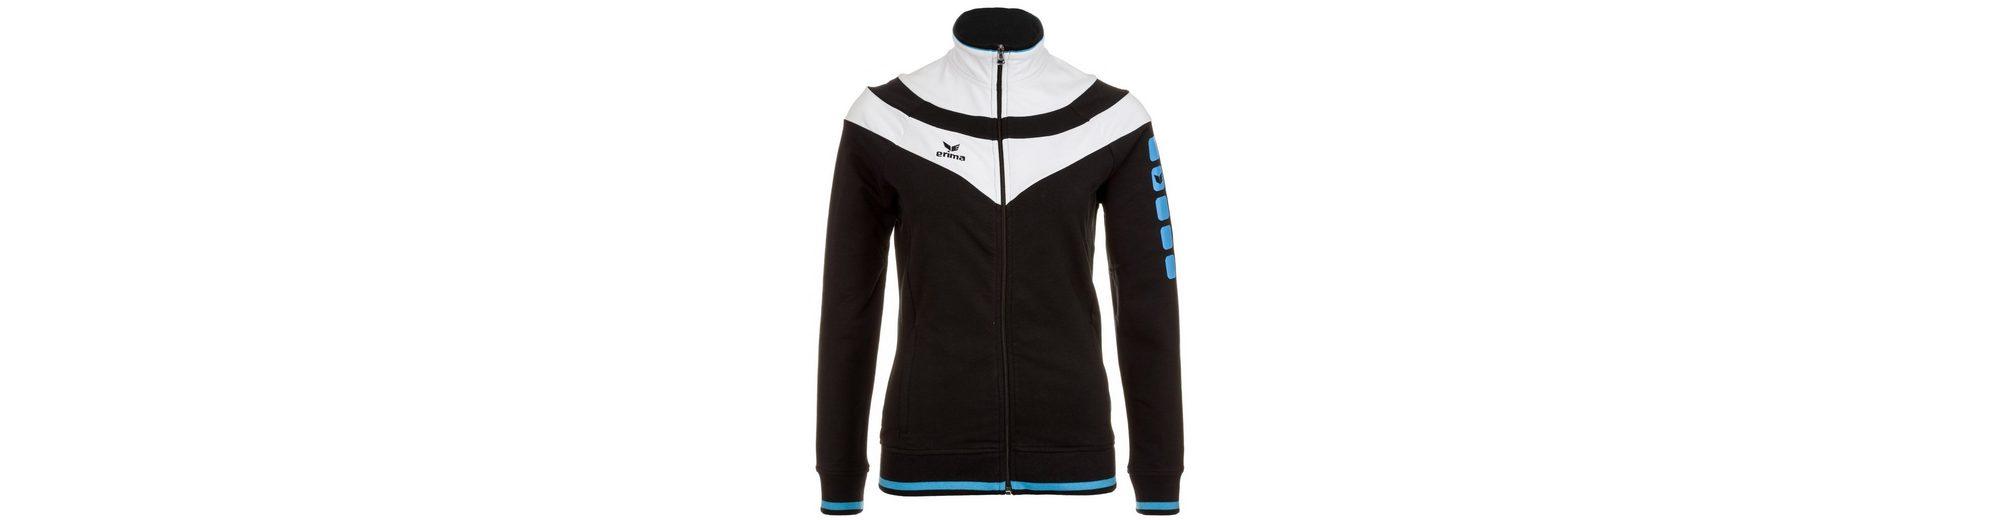 Mode Zum Verkauf ERIMA 5-CUBES Fashion Jacke Damen Verkauf Erschwinglich Kaufen Billig Freies Verschiffen Sammlungen ek0ocvVm